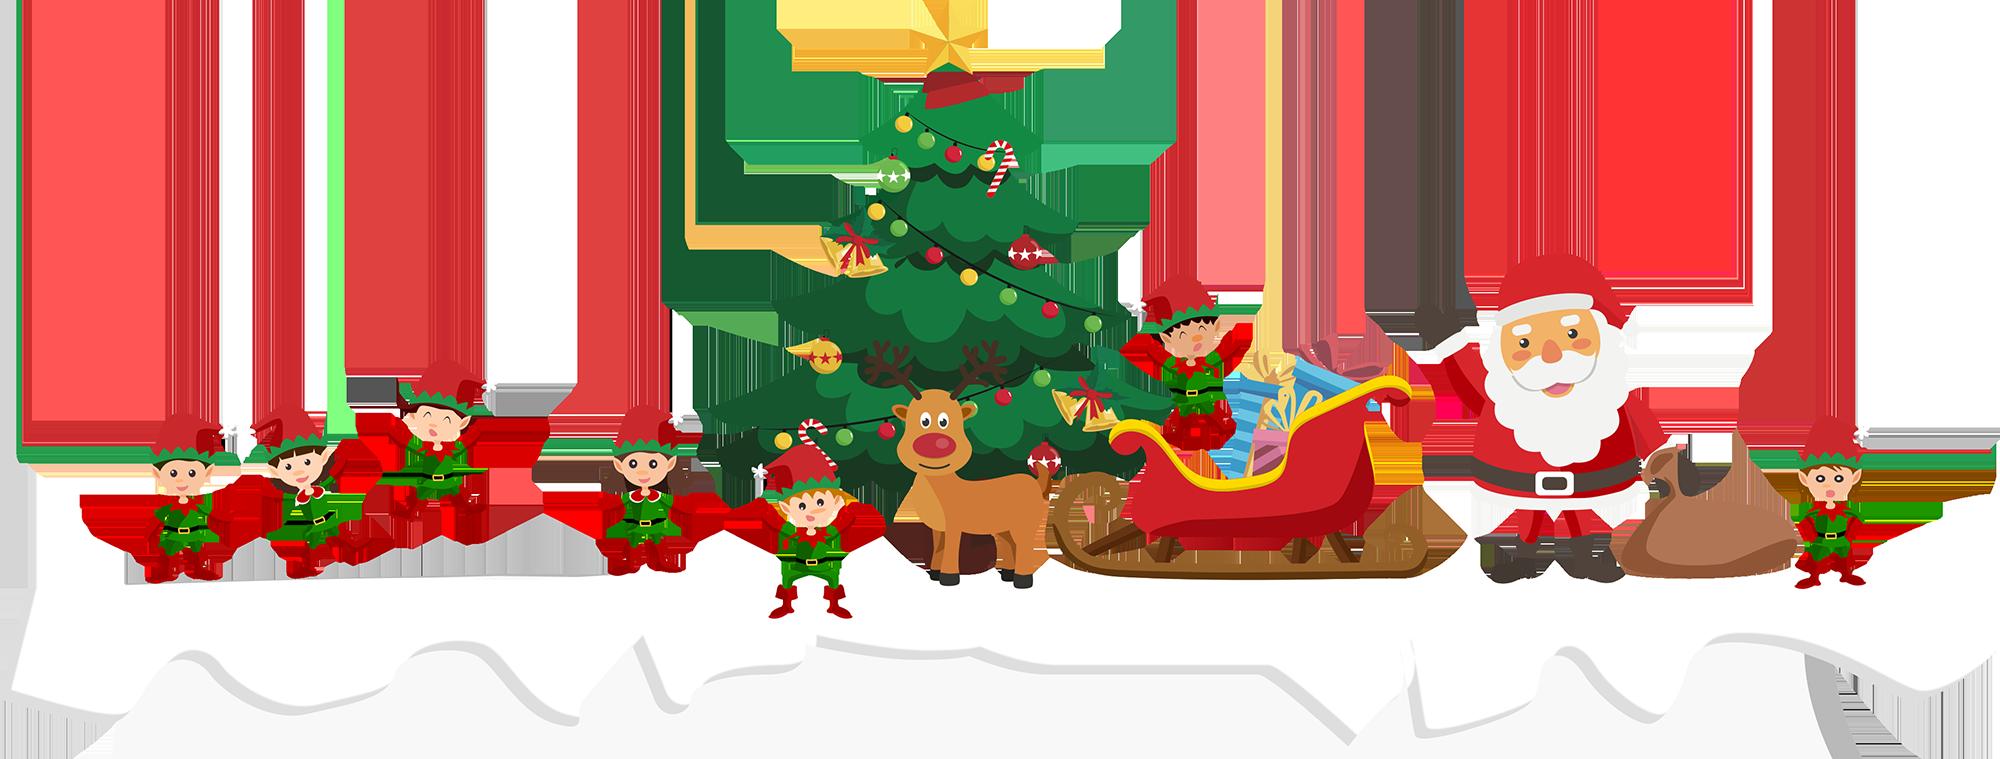 ChristmasBg2.png